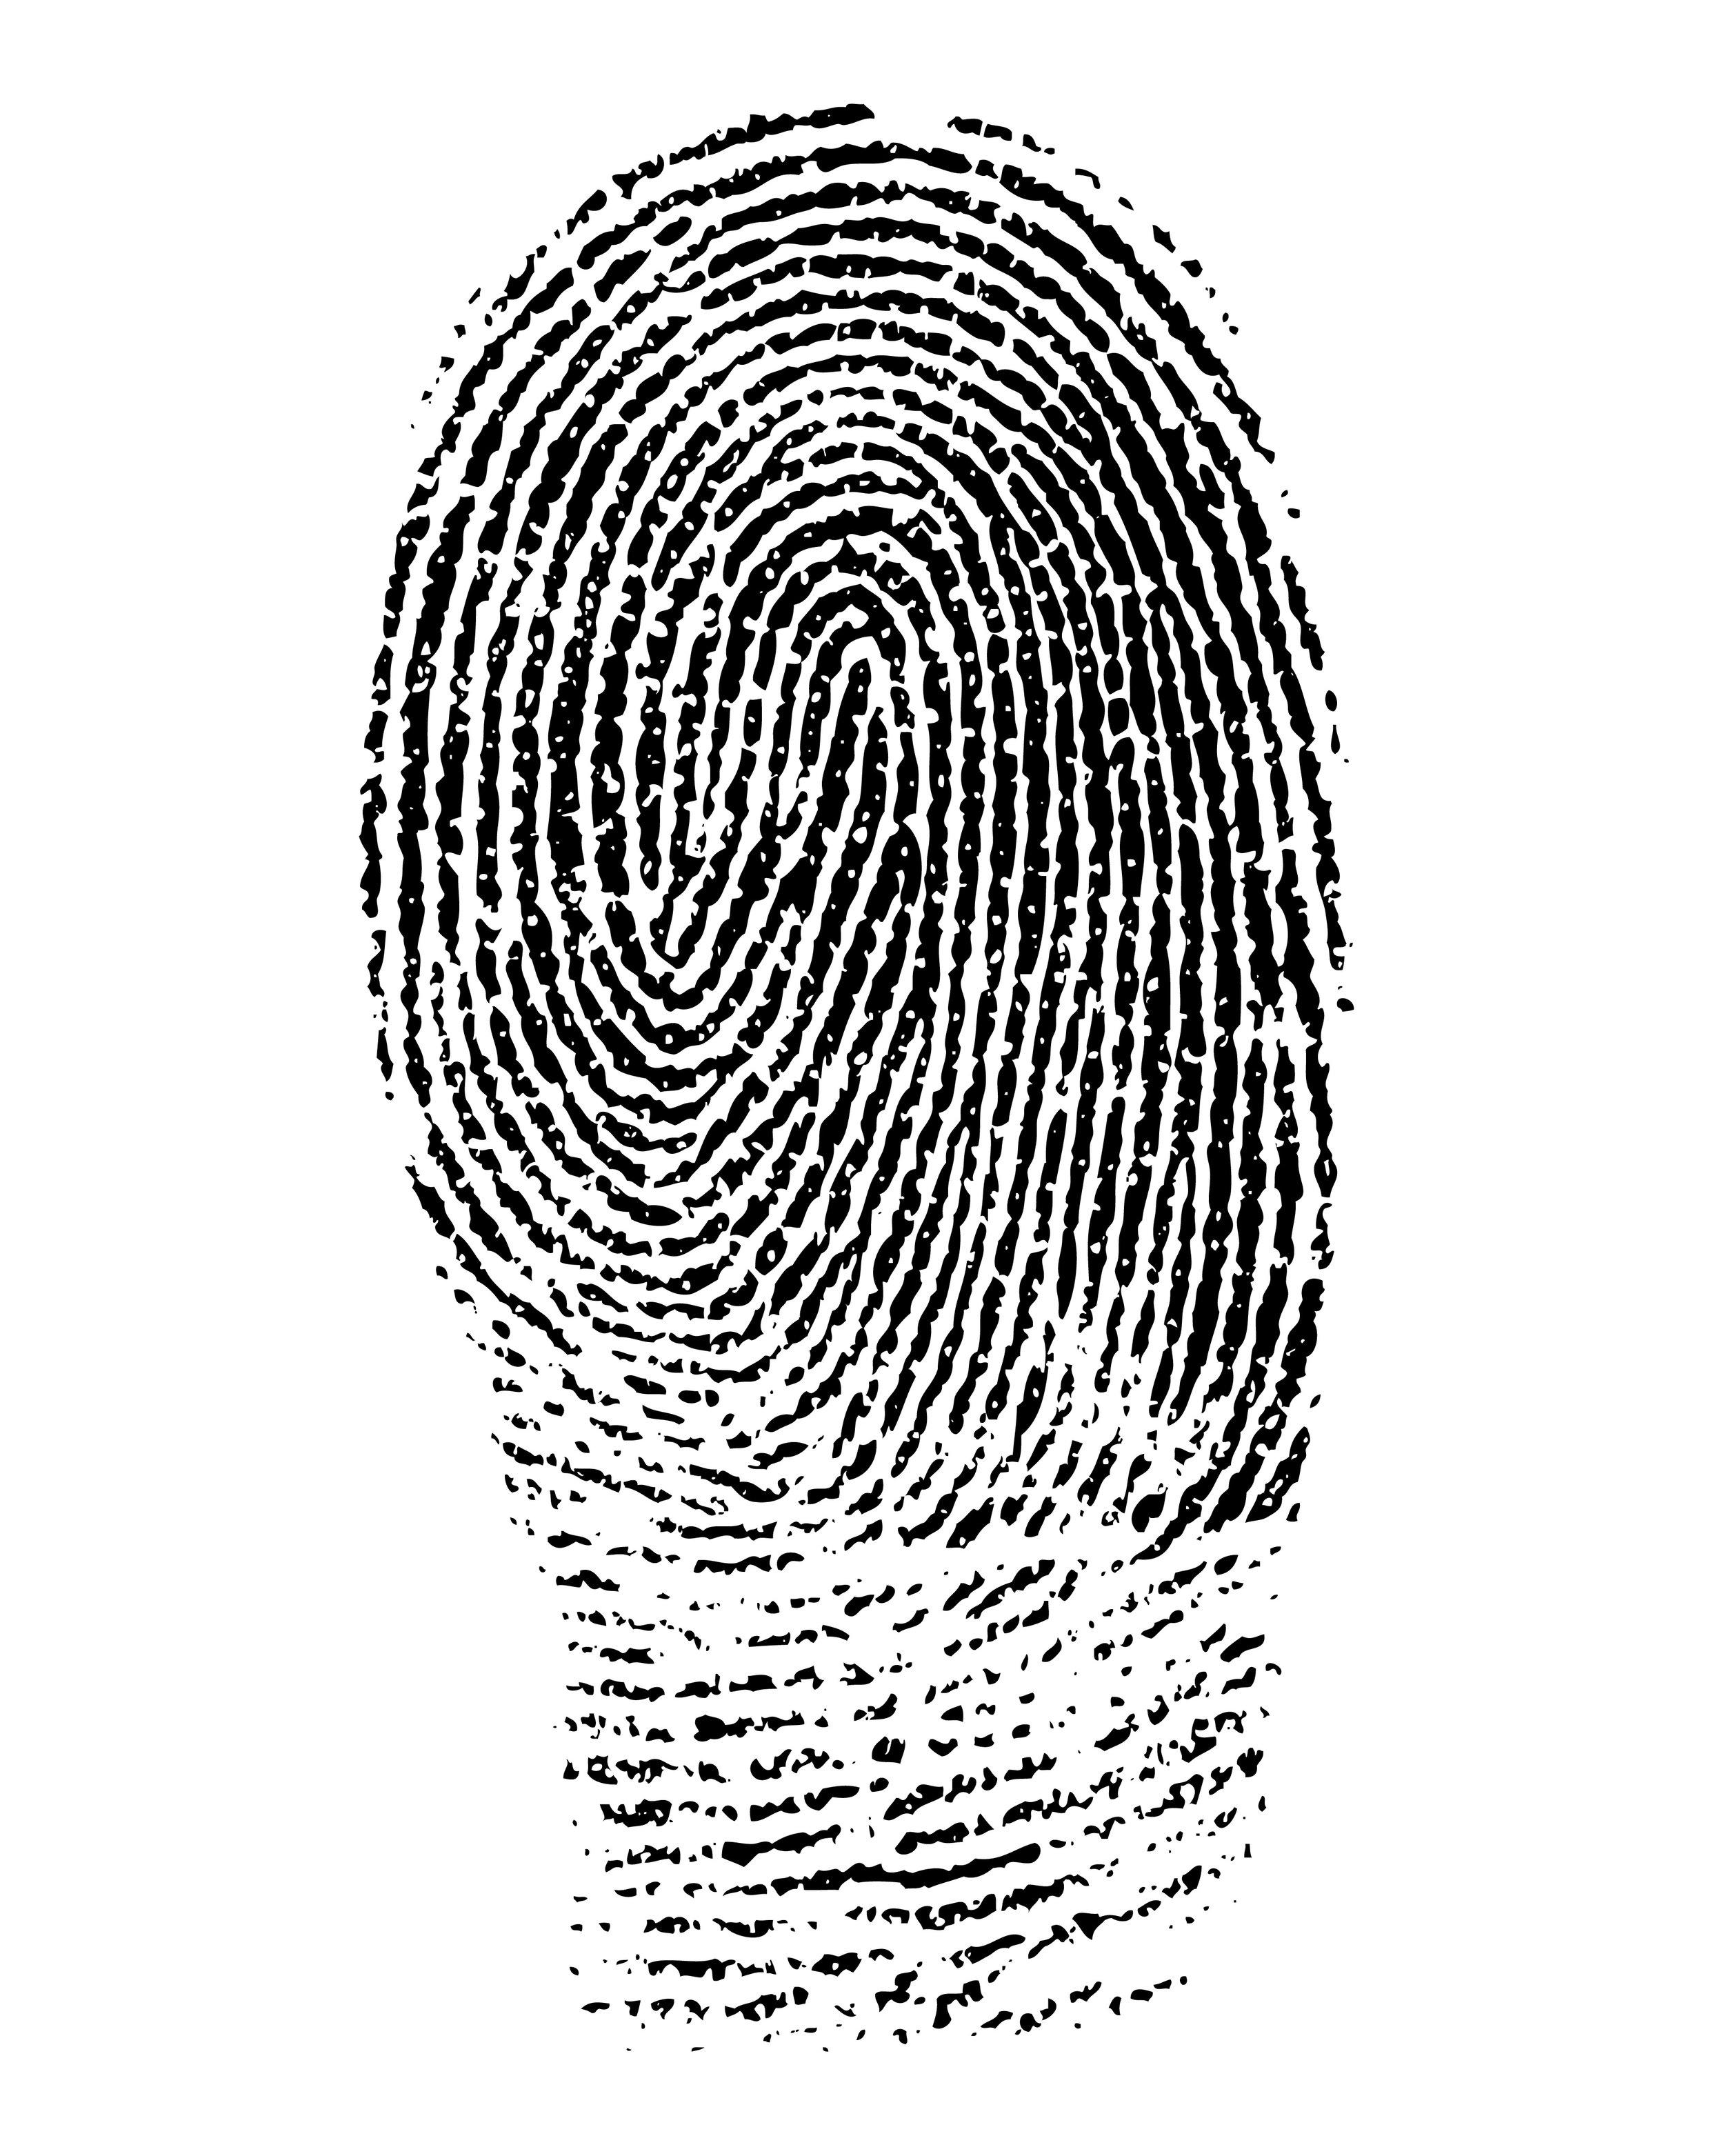 fingerprint-1382652.jpg